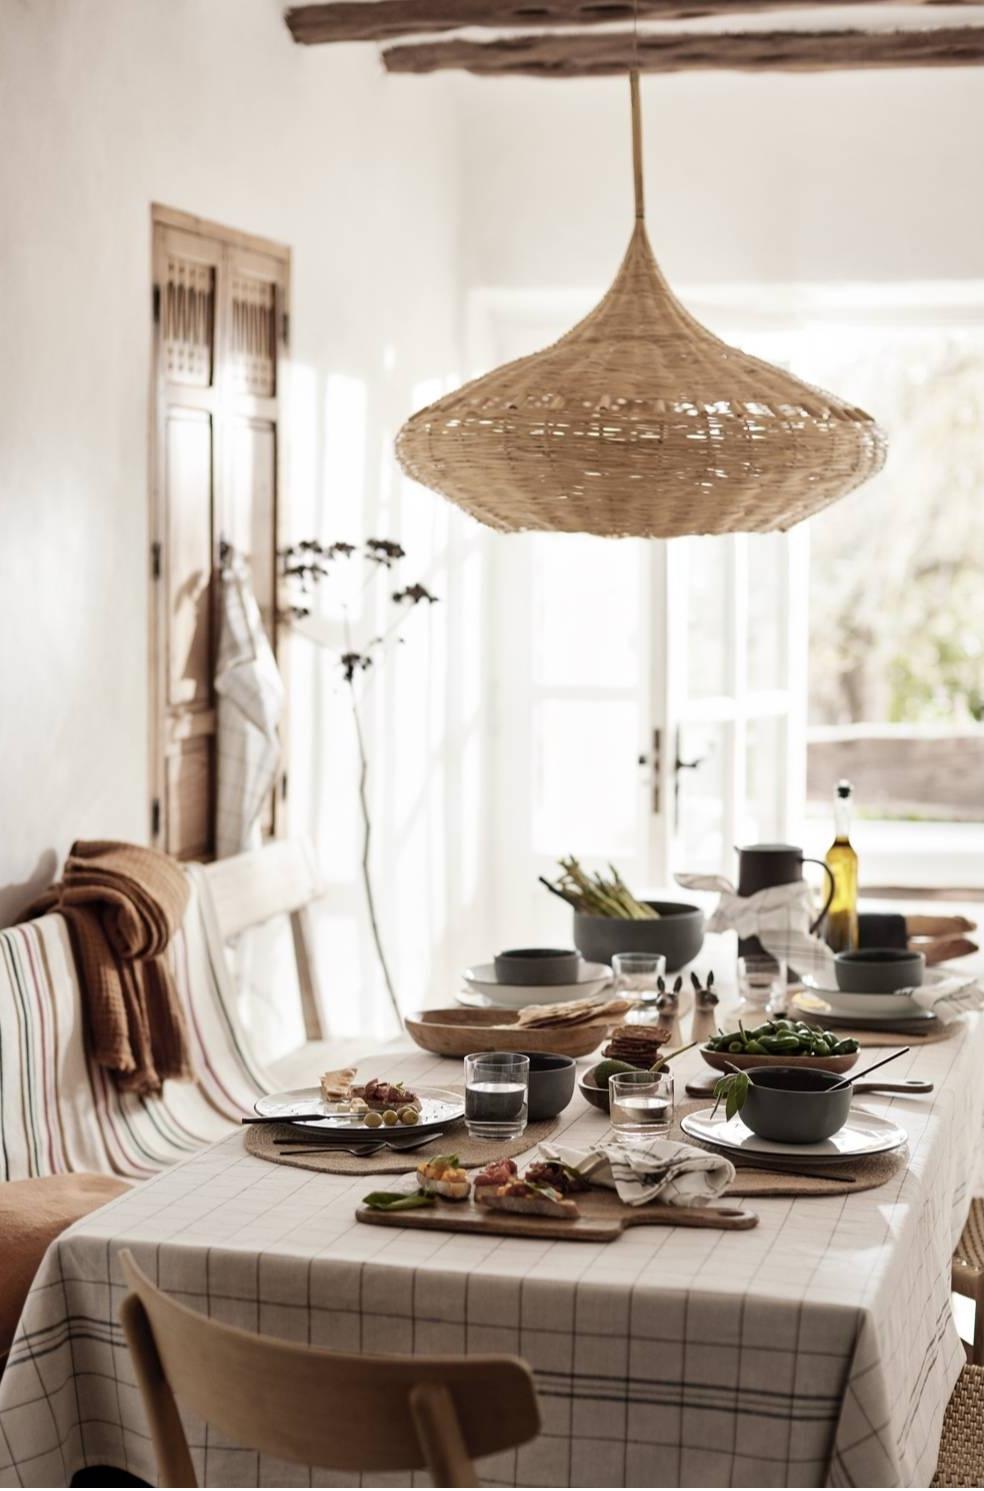 H&M Home on decor8blog.com